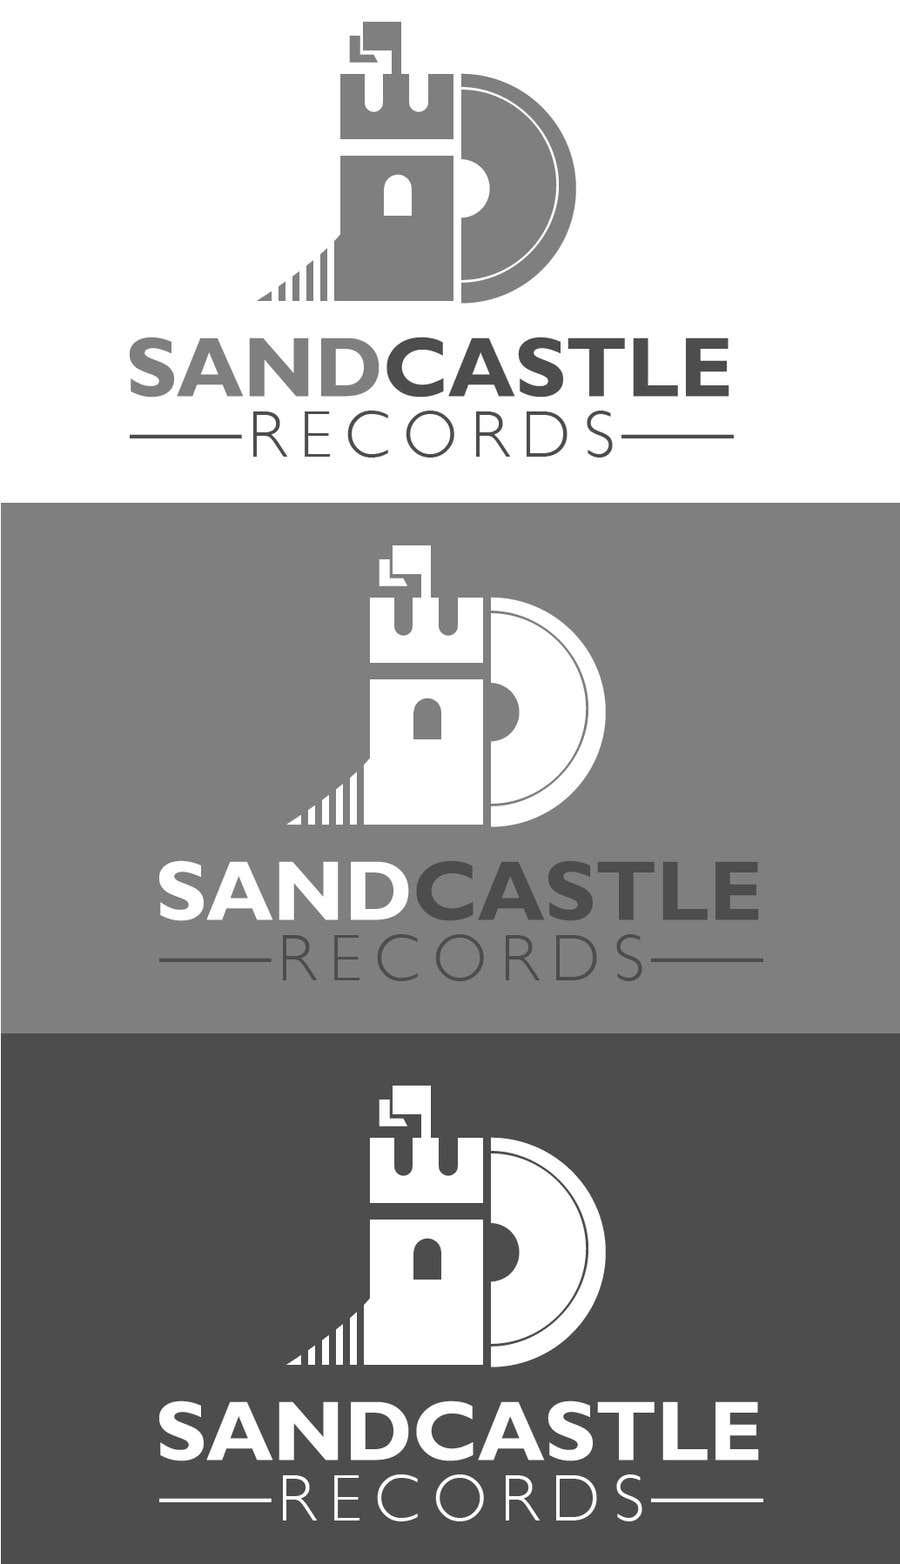 Inscrição nº                                         44                                      do Concurso para                                         Sandcastle Records